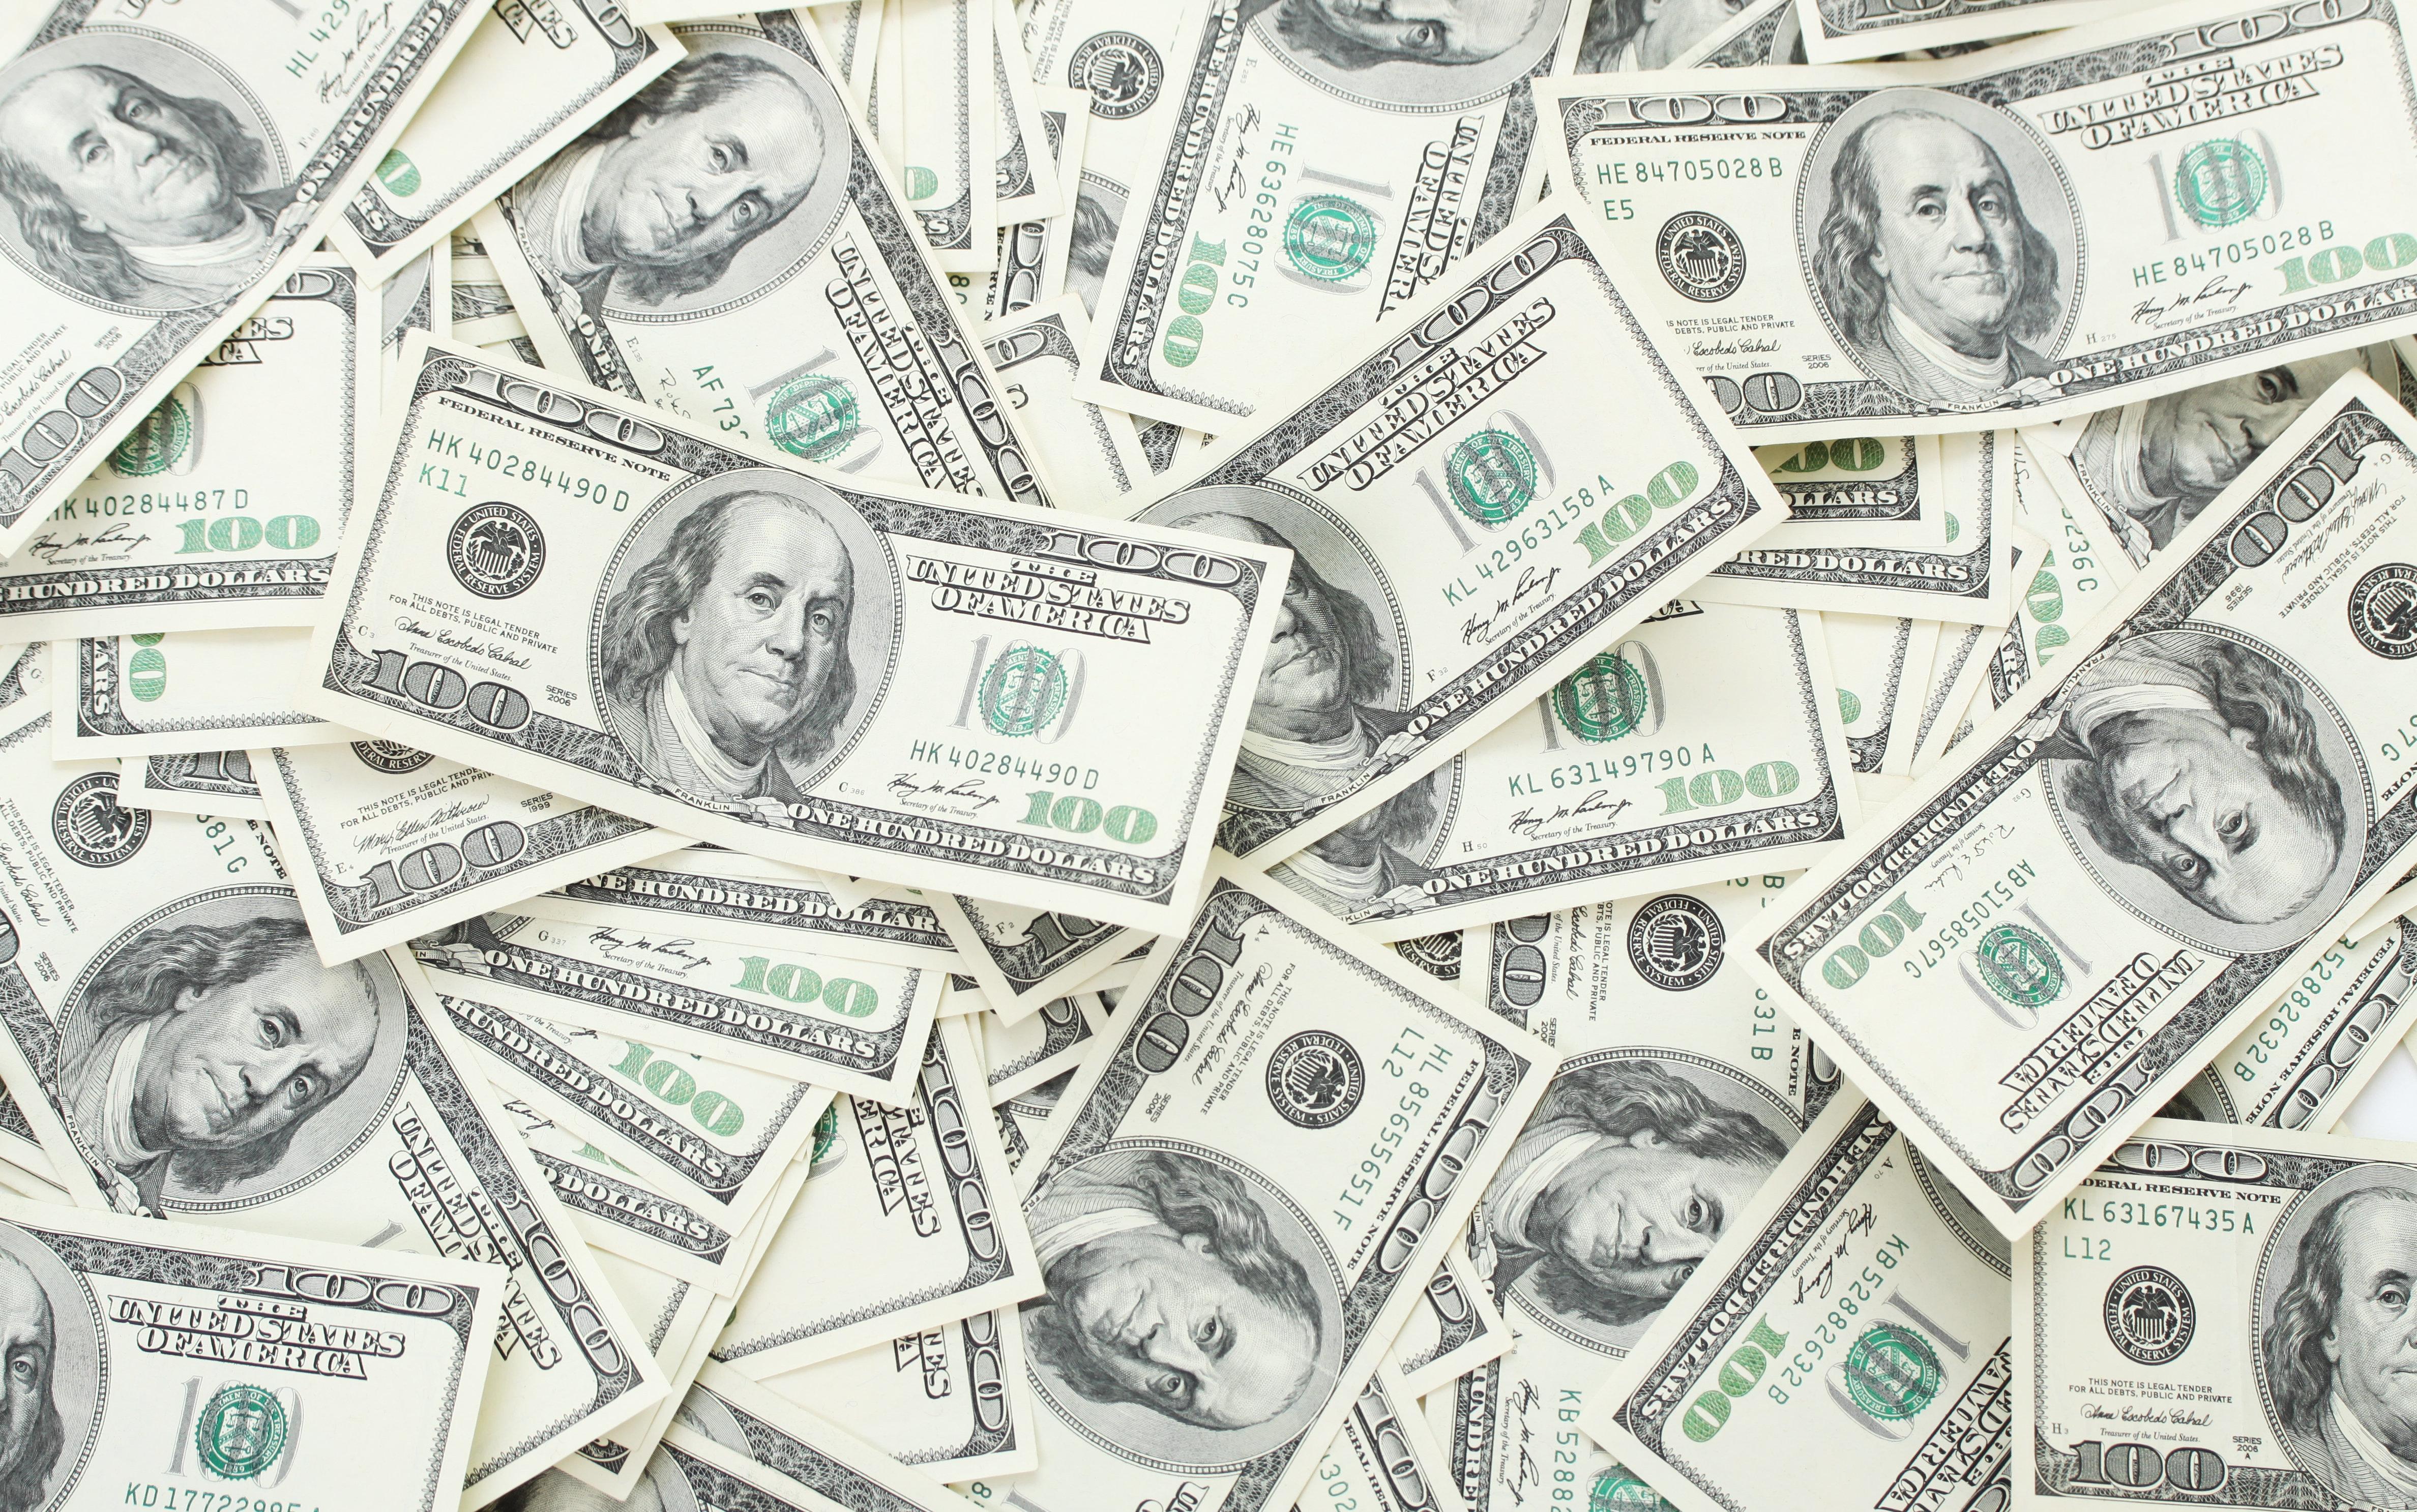 約300億円の宝くじに当選した元夫、扶養料を払っている元妻は「もう支払いやめたい」